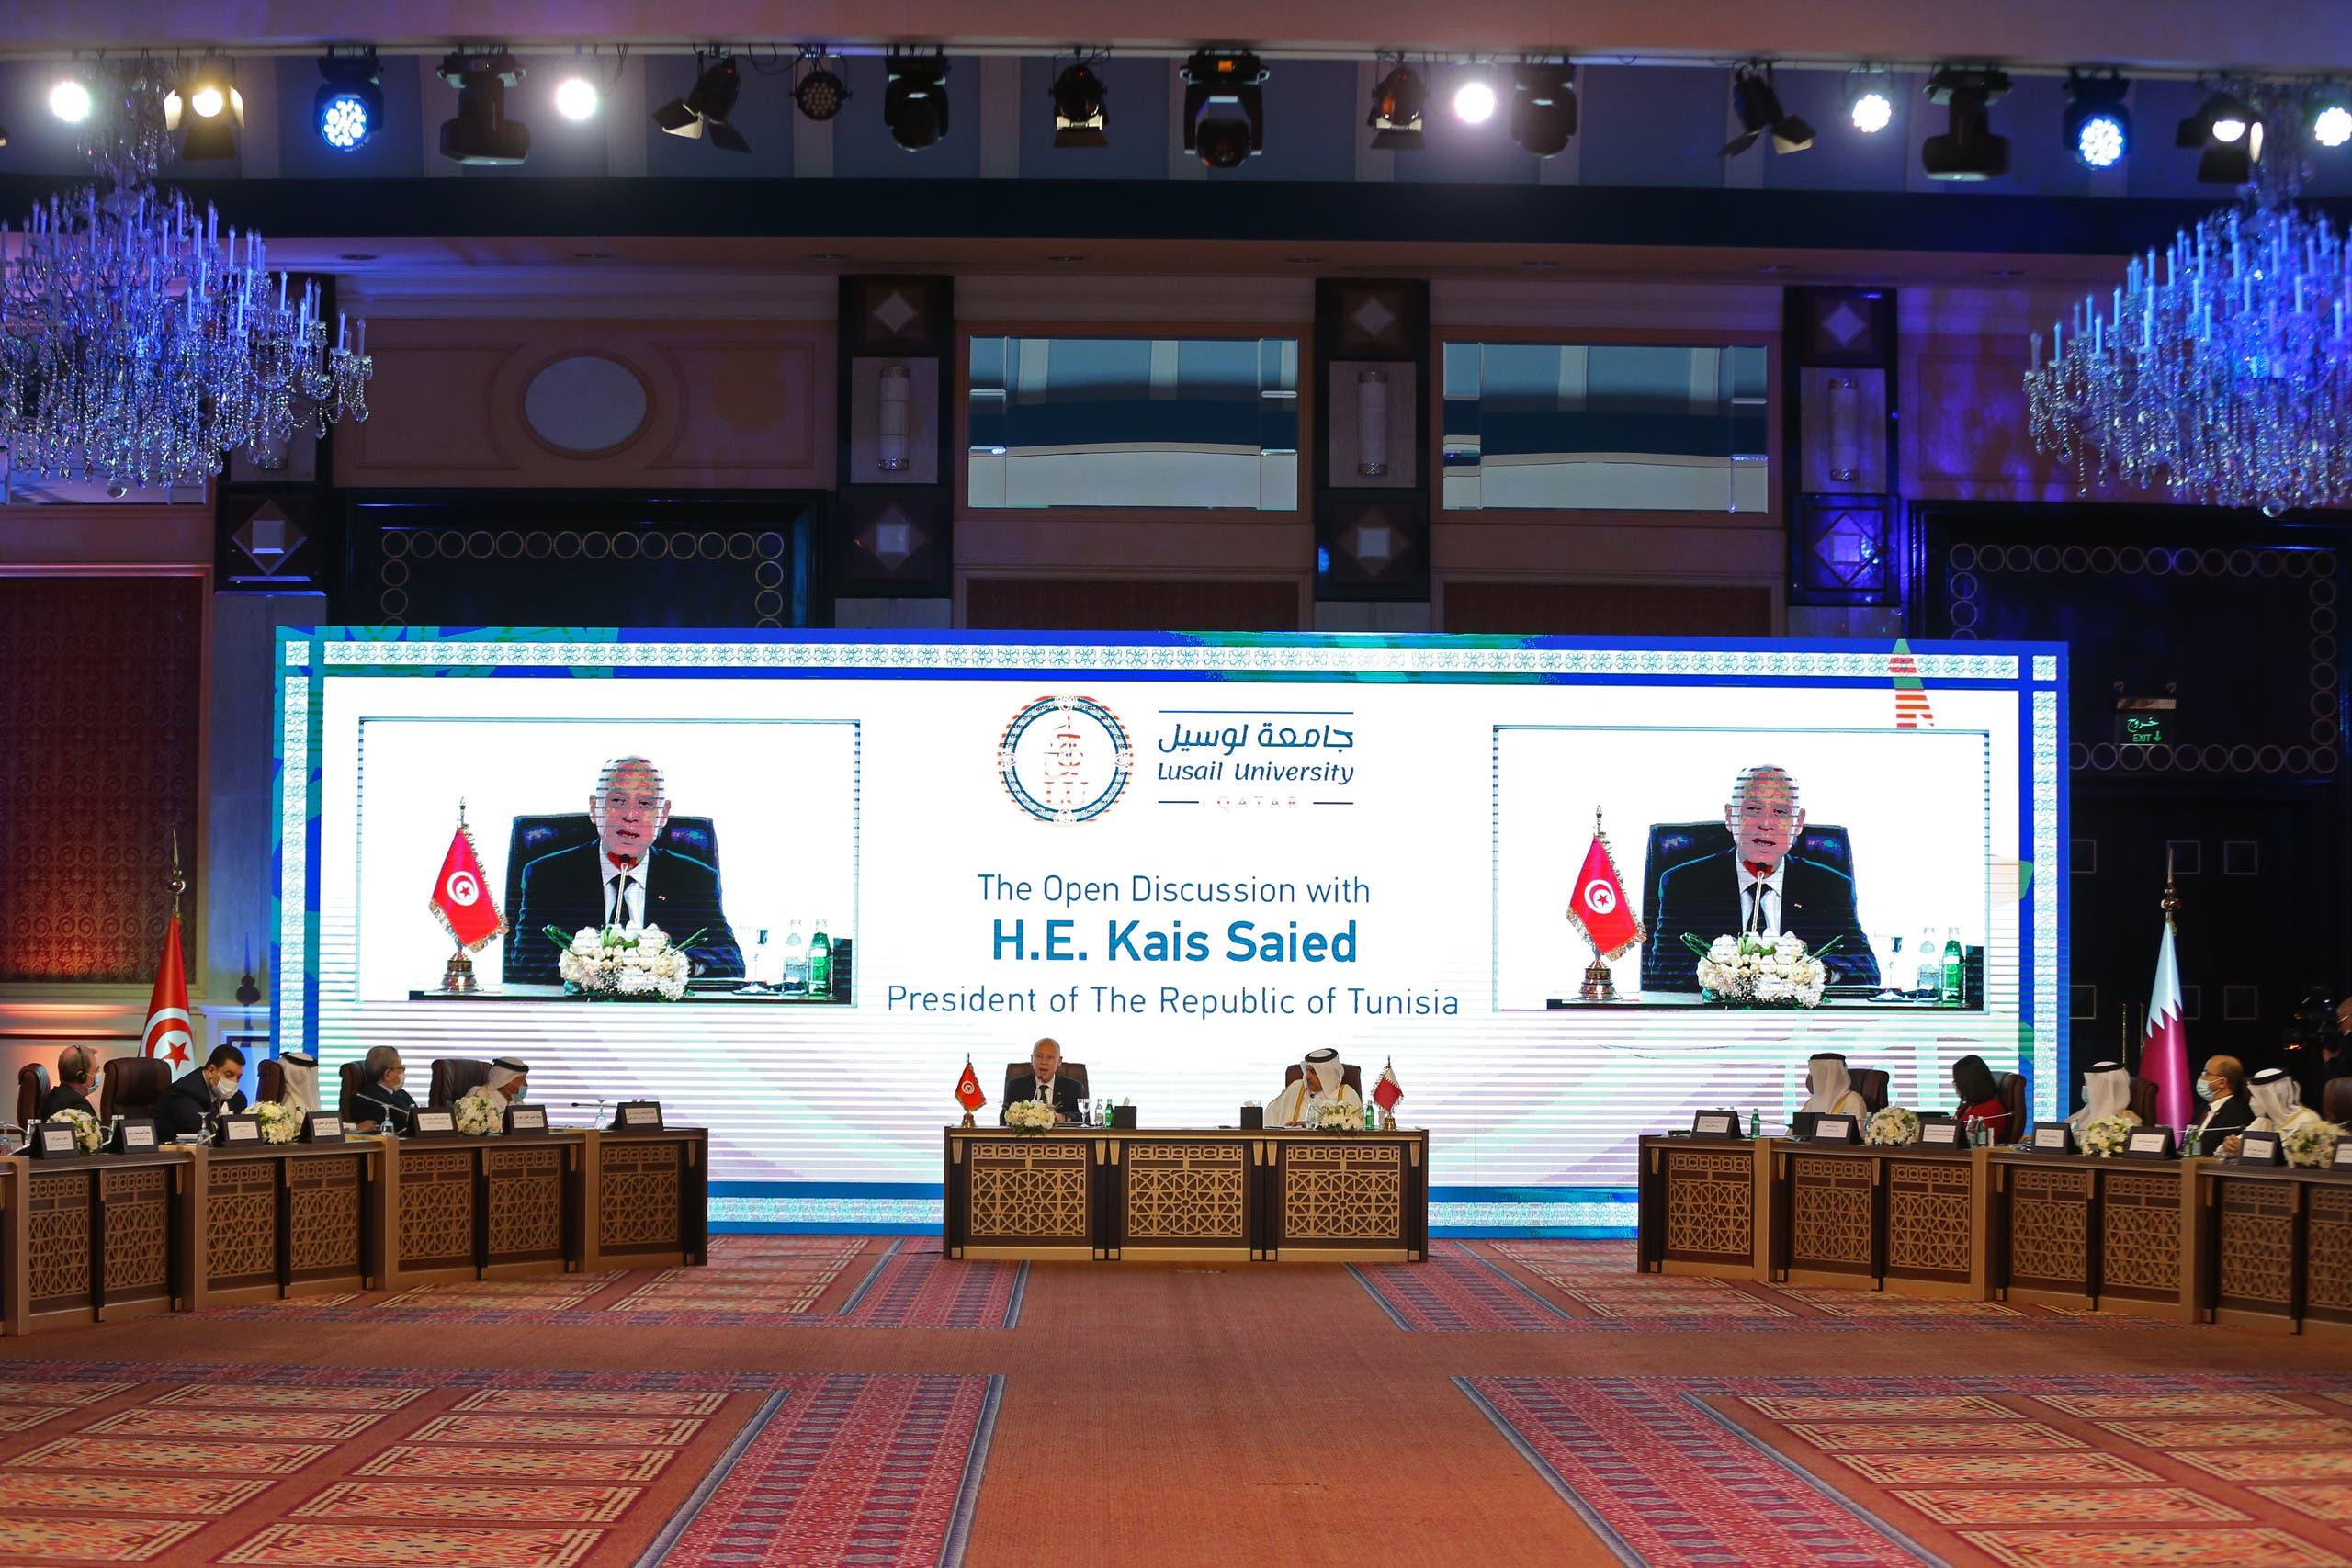 """الرئيس التونسي قيس سعيد خلال ندوة حول """"الرابطة الدولية لفقهاء القانون الدستوري"""" في الدوحة الأسبوع الماضي"""